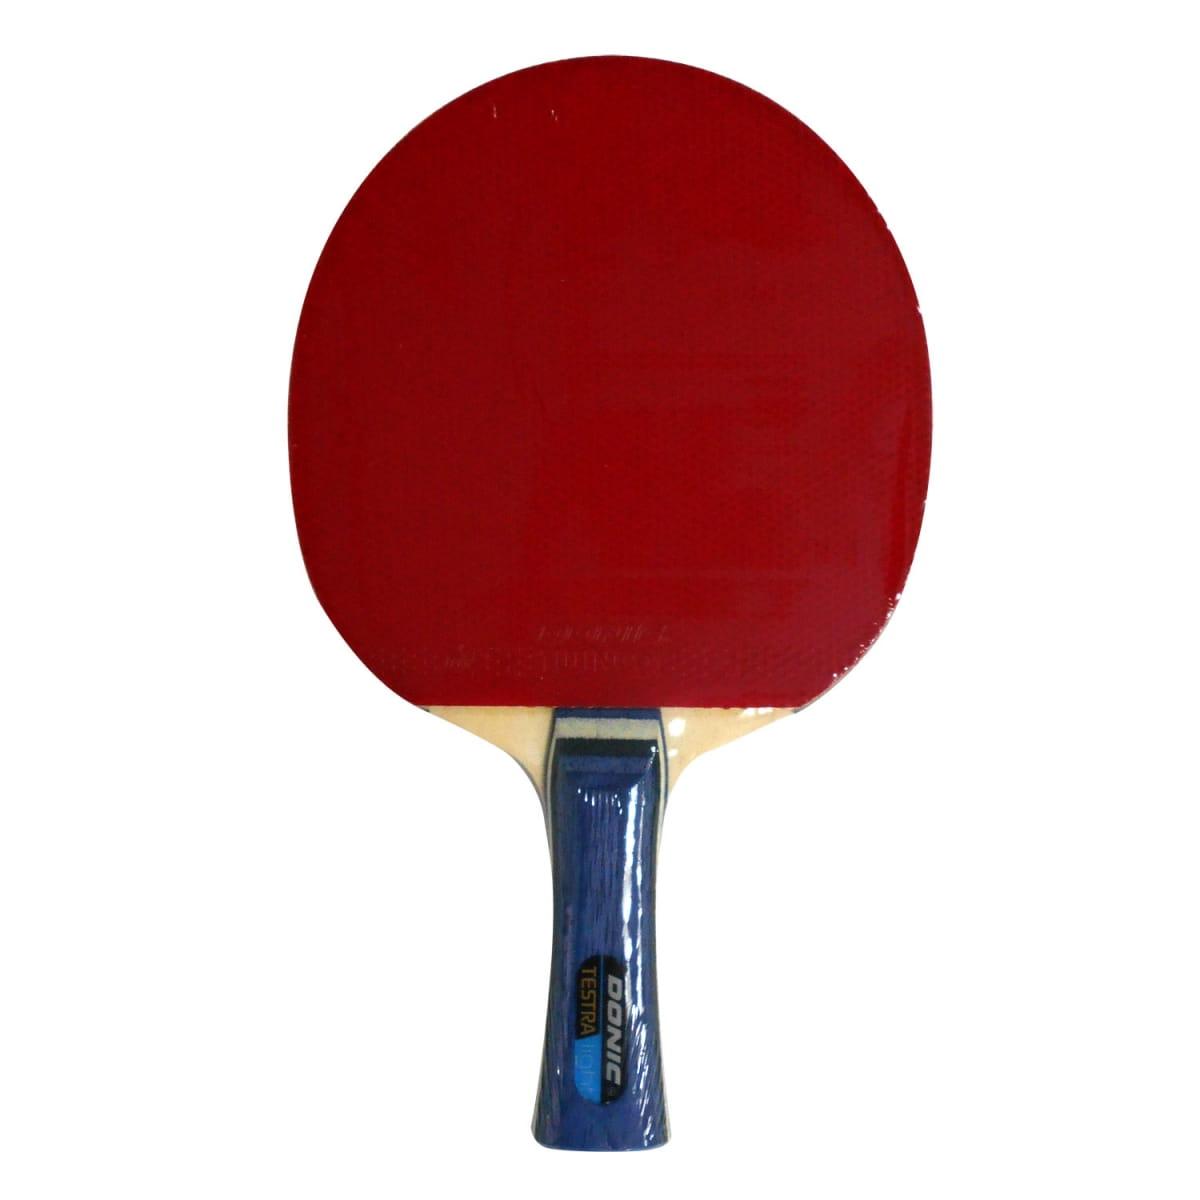 Ракетка для настольного тенниса Donic 200204 Testra Premium